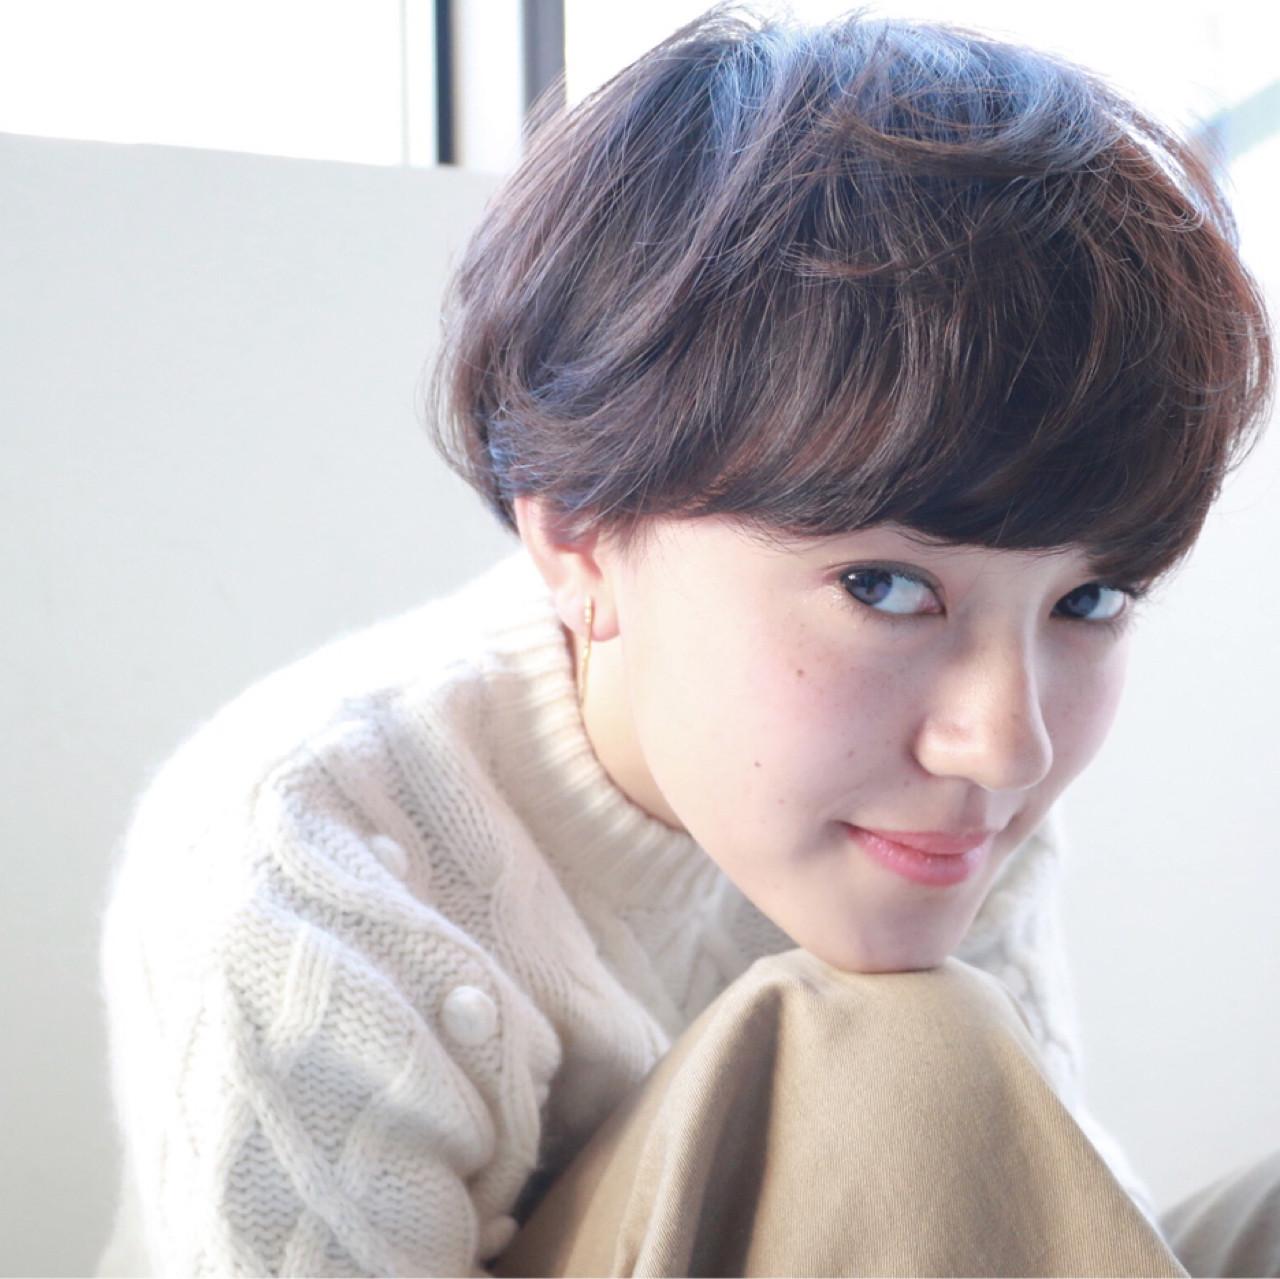 冬ファッションにはハイネックでしょ!髪型と合わせた可愛い着こなし方ご紹介* 高橋 忍 / nanuk渋谷店(ナヌーク)